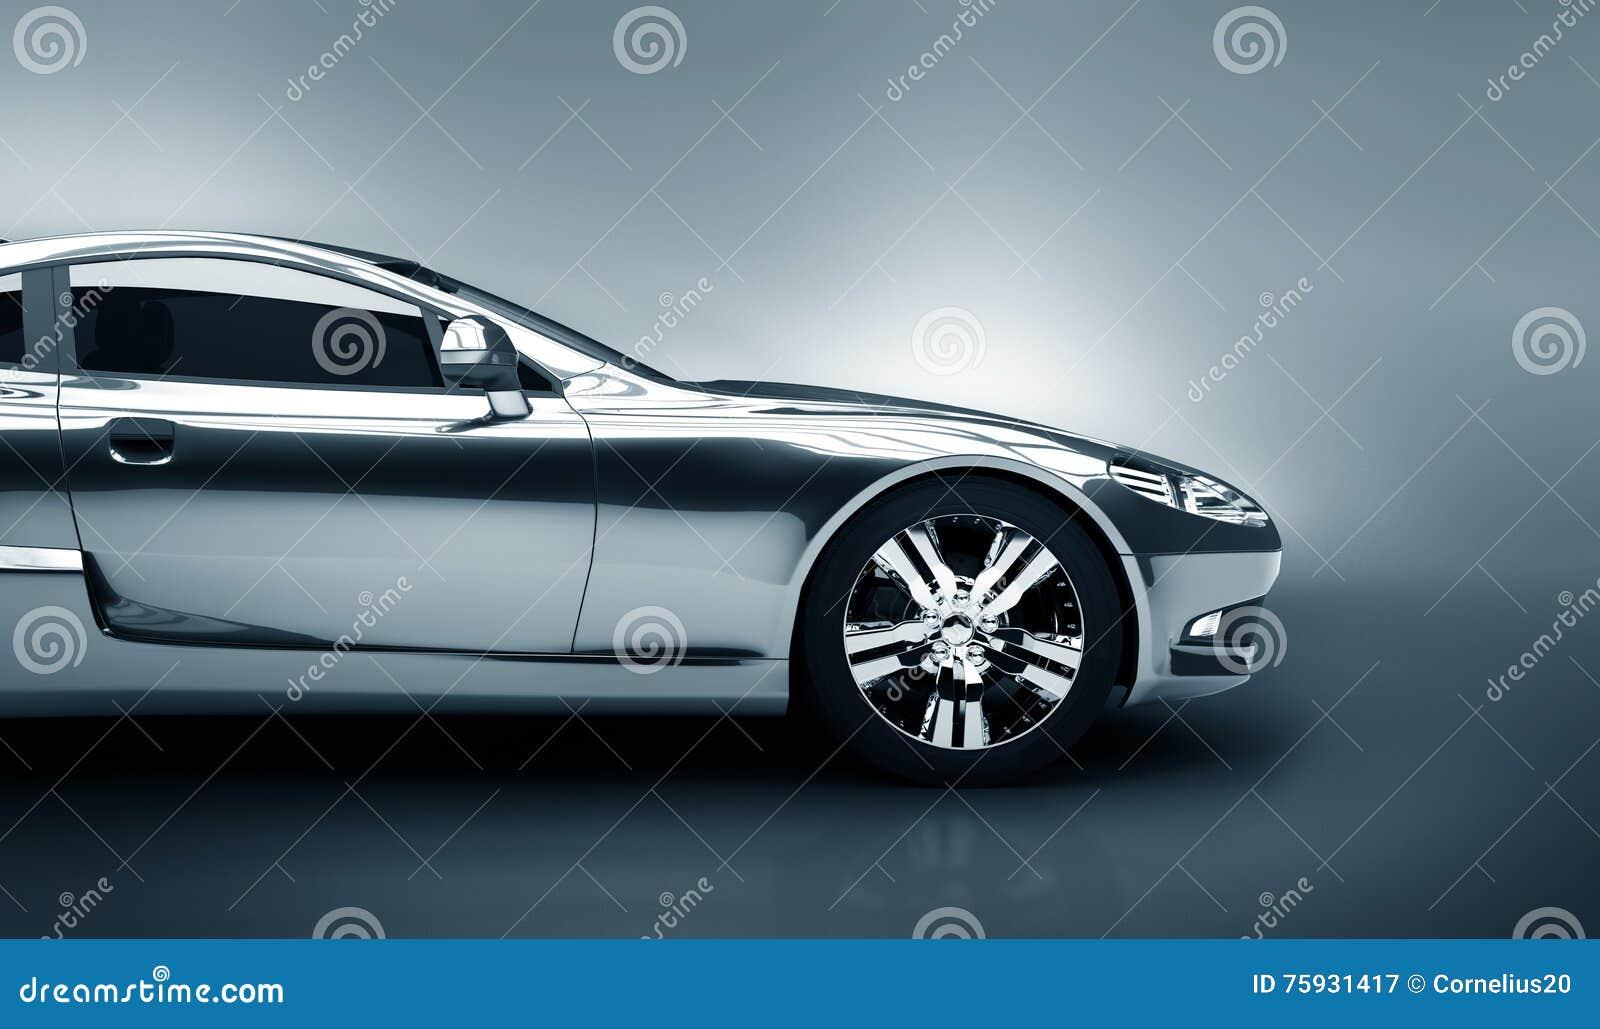 Detalle del coche deportivo